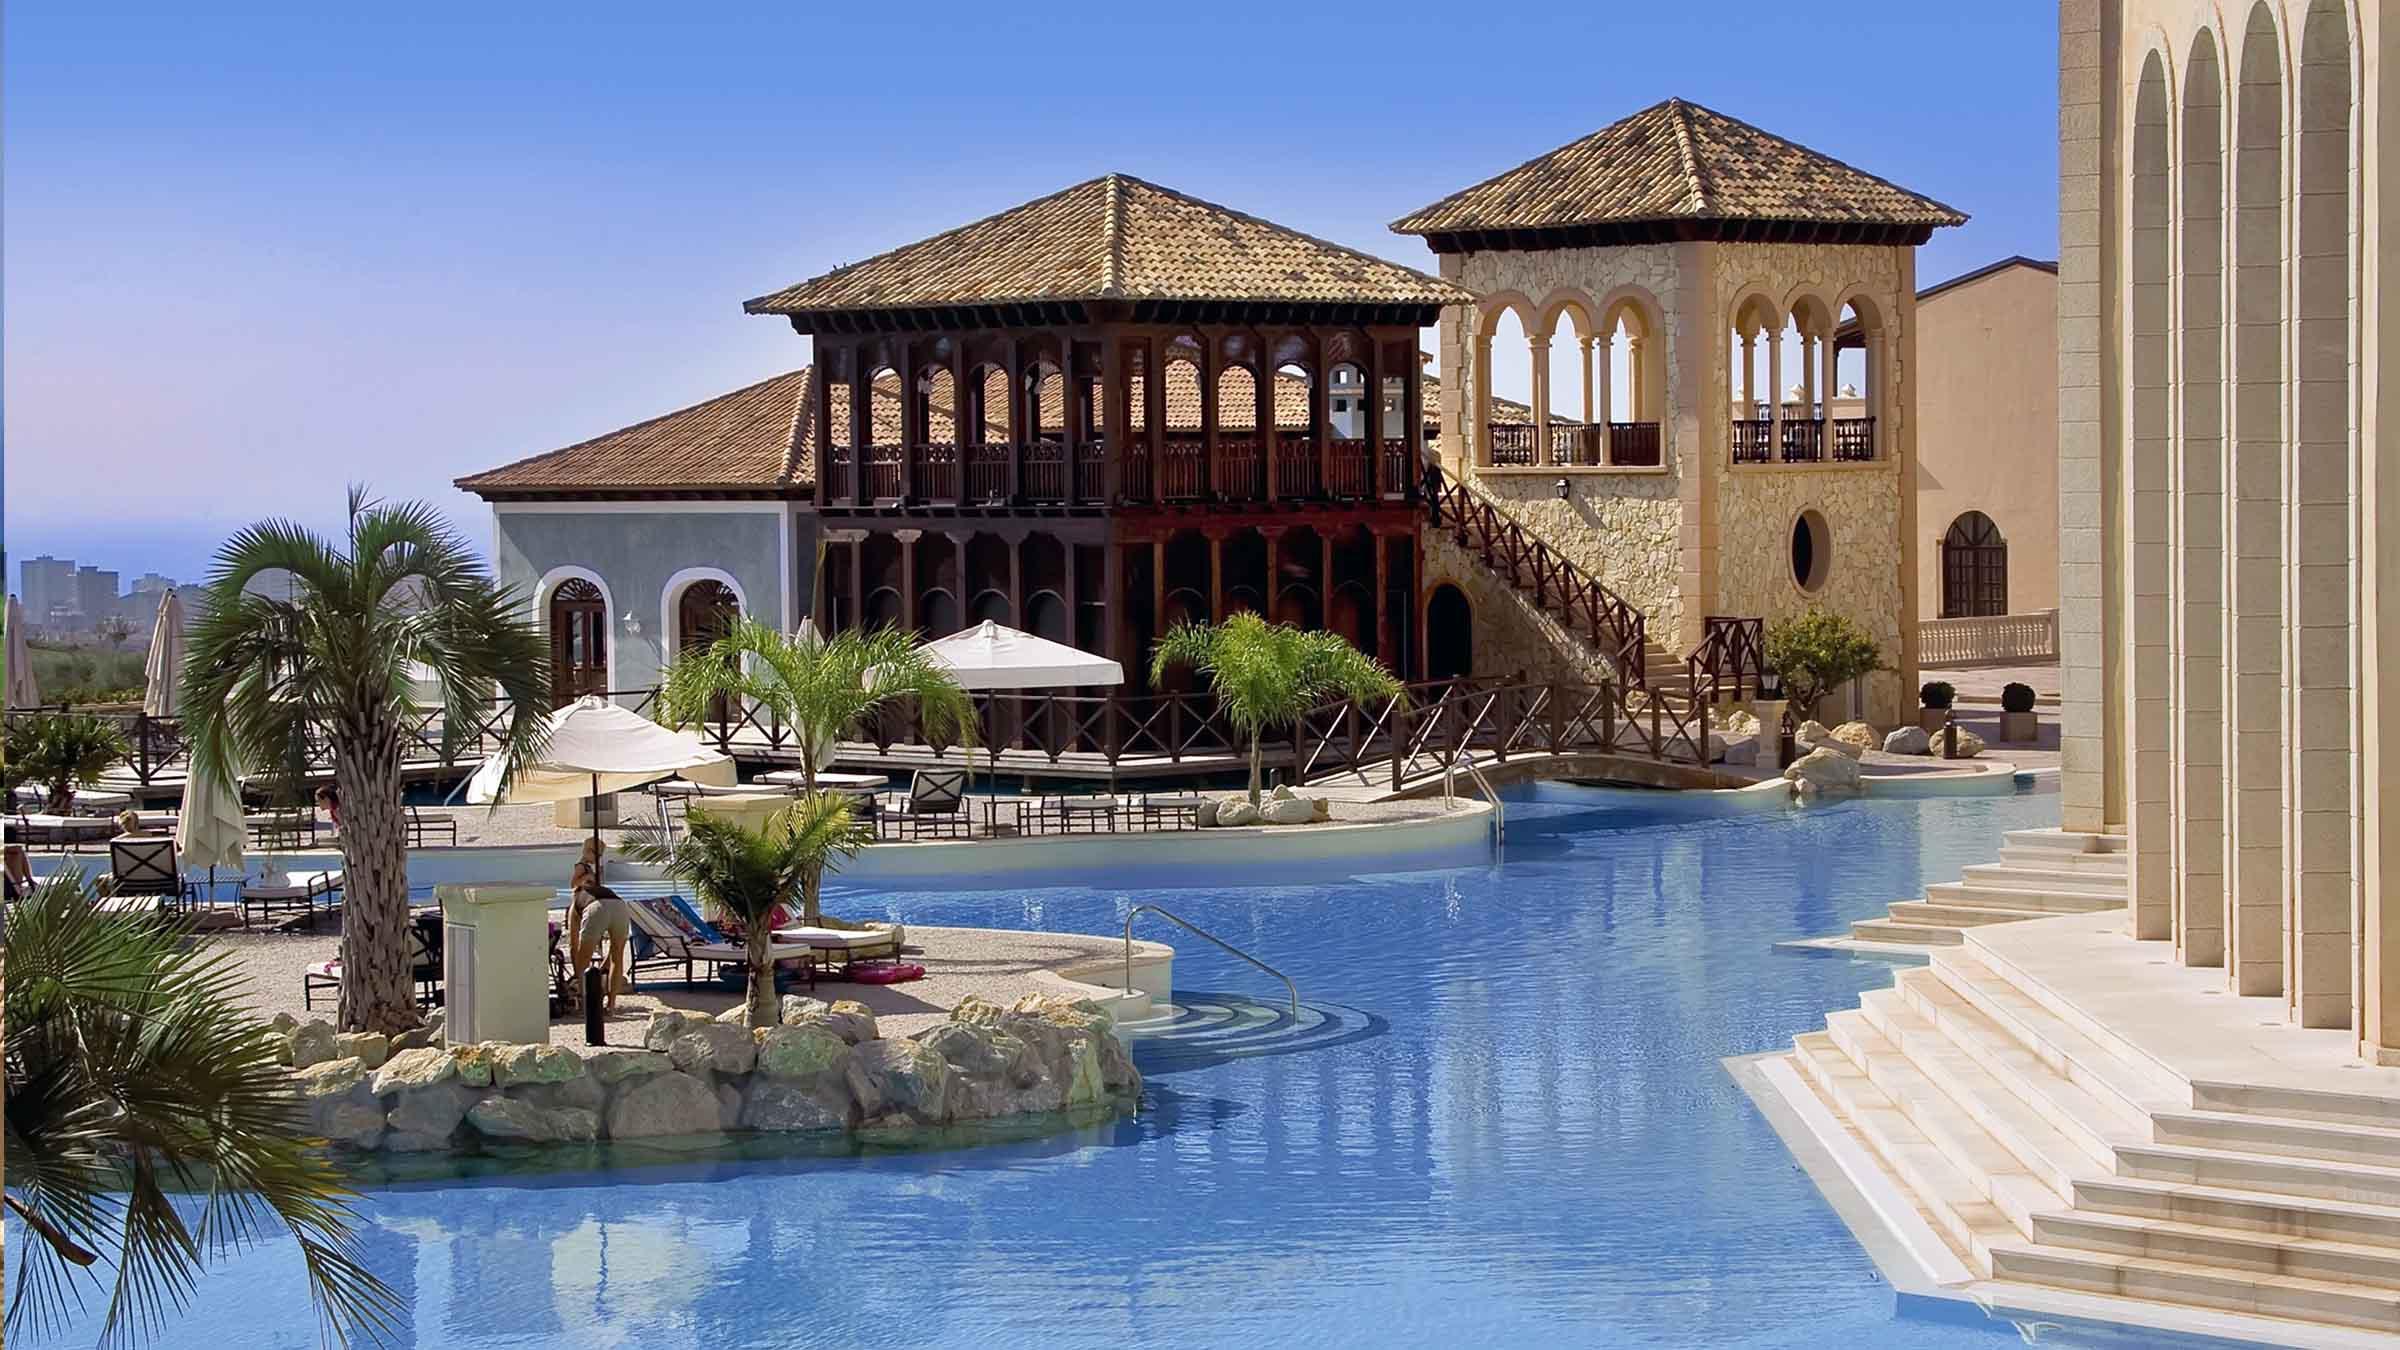 Un hotel de lujo para disfrutar de unas vacaciones en un pueblo mediterráneo 3